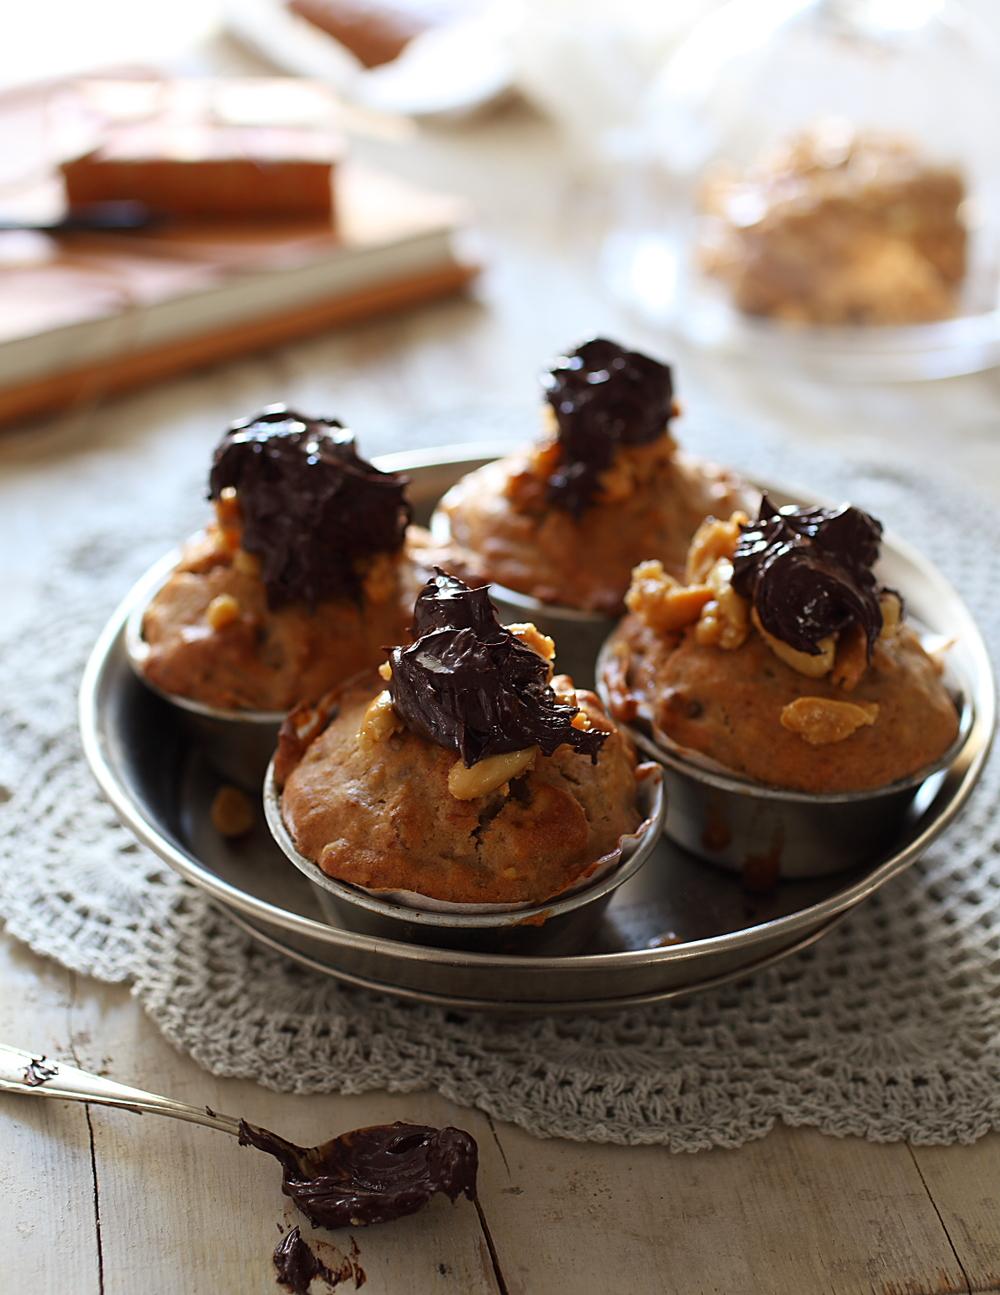 Masni & slasni muffin s domaćim, ručno odrađenim kikiriki maslacem i brdom čokolade. Tamne. 80 %. U biti sve lagano i dijetno ;)